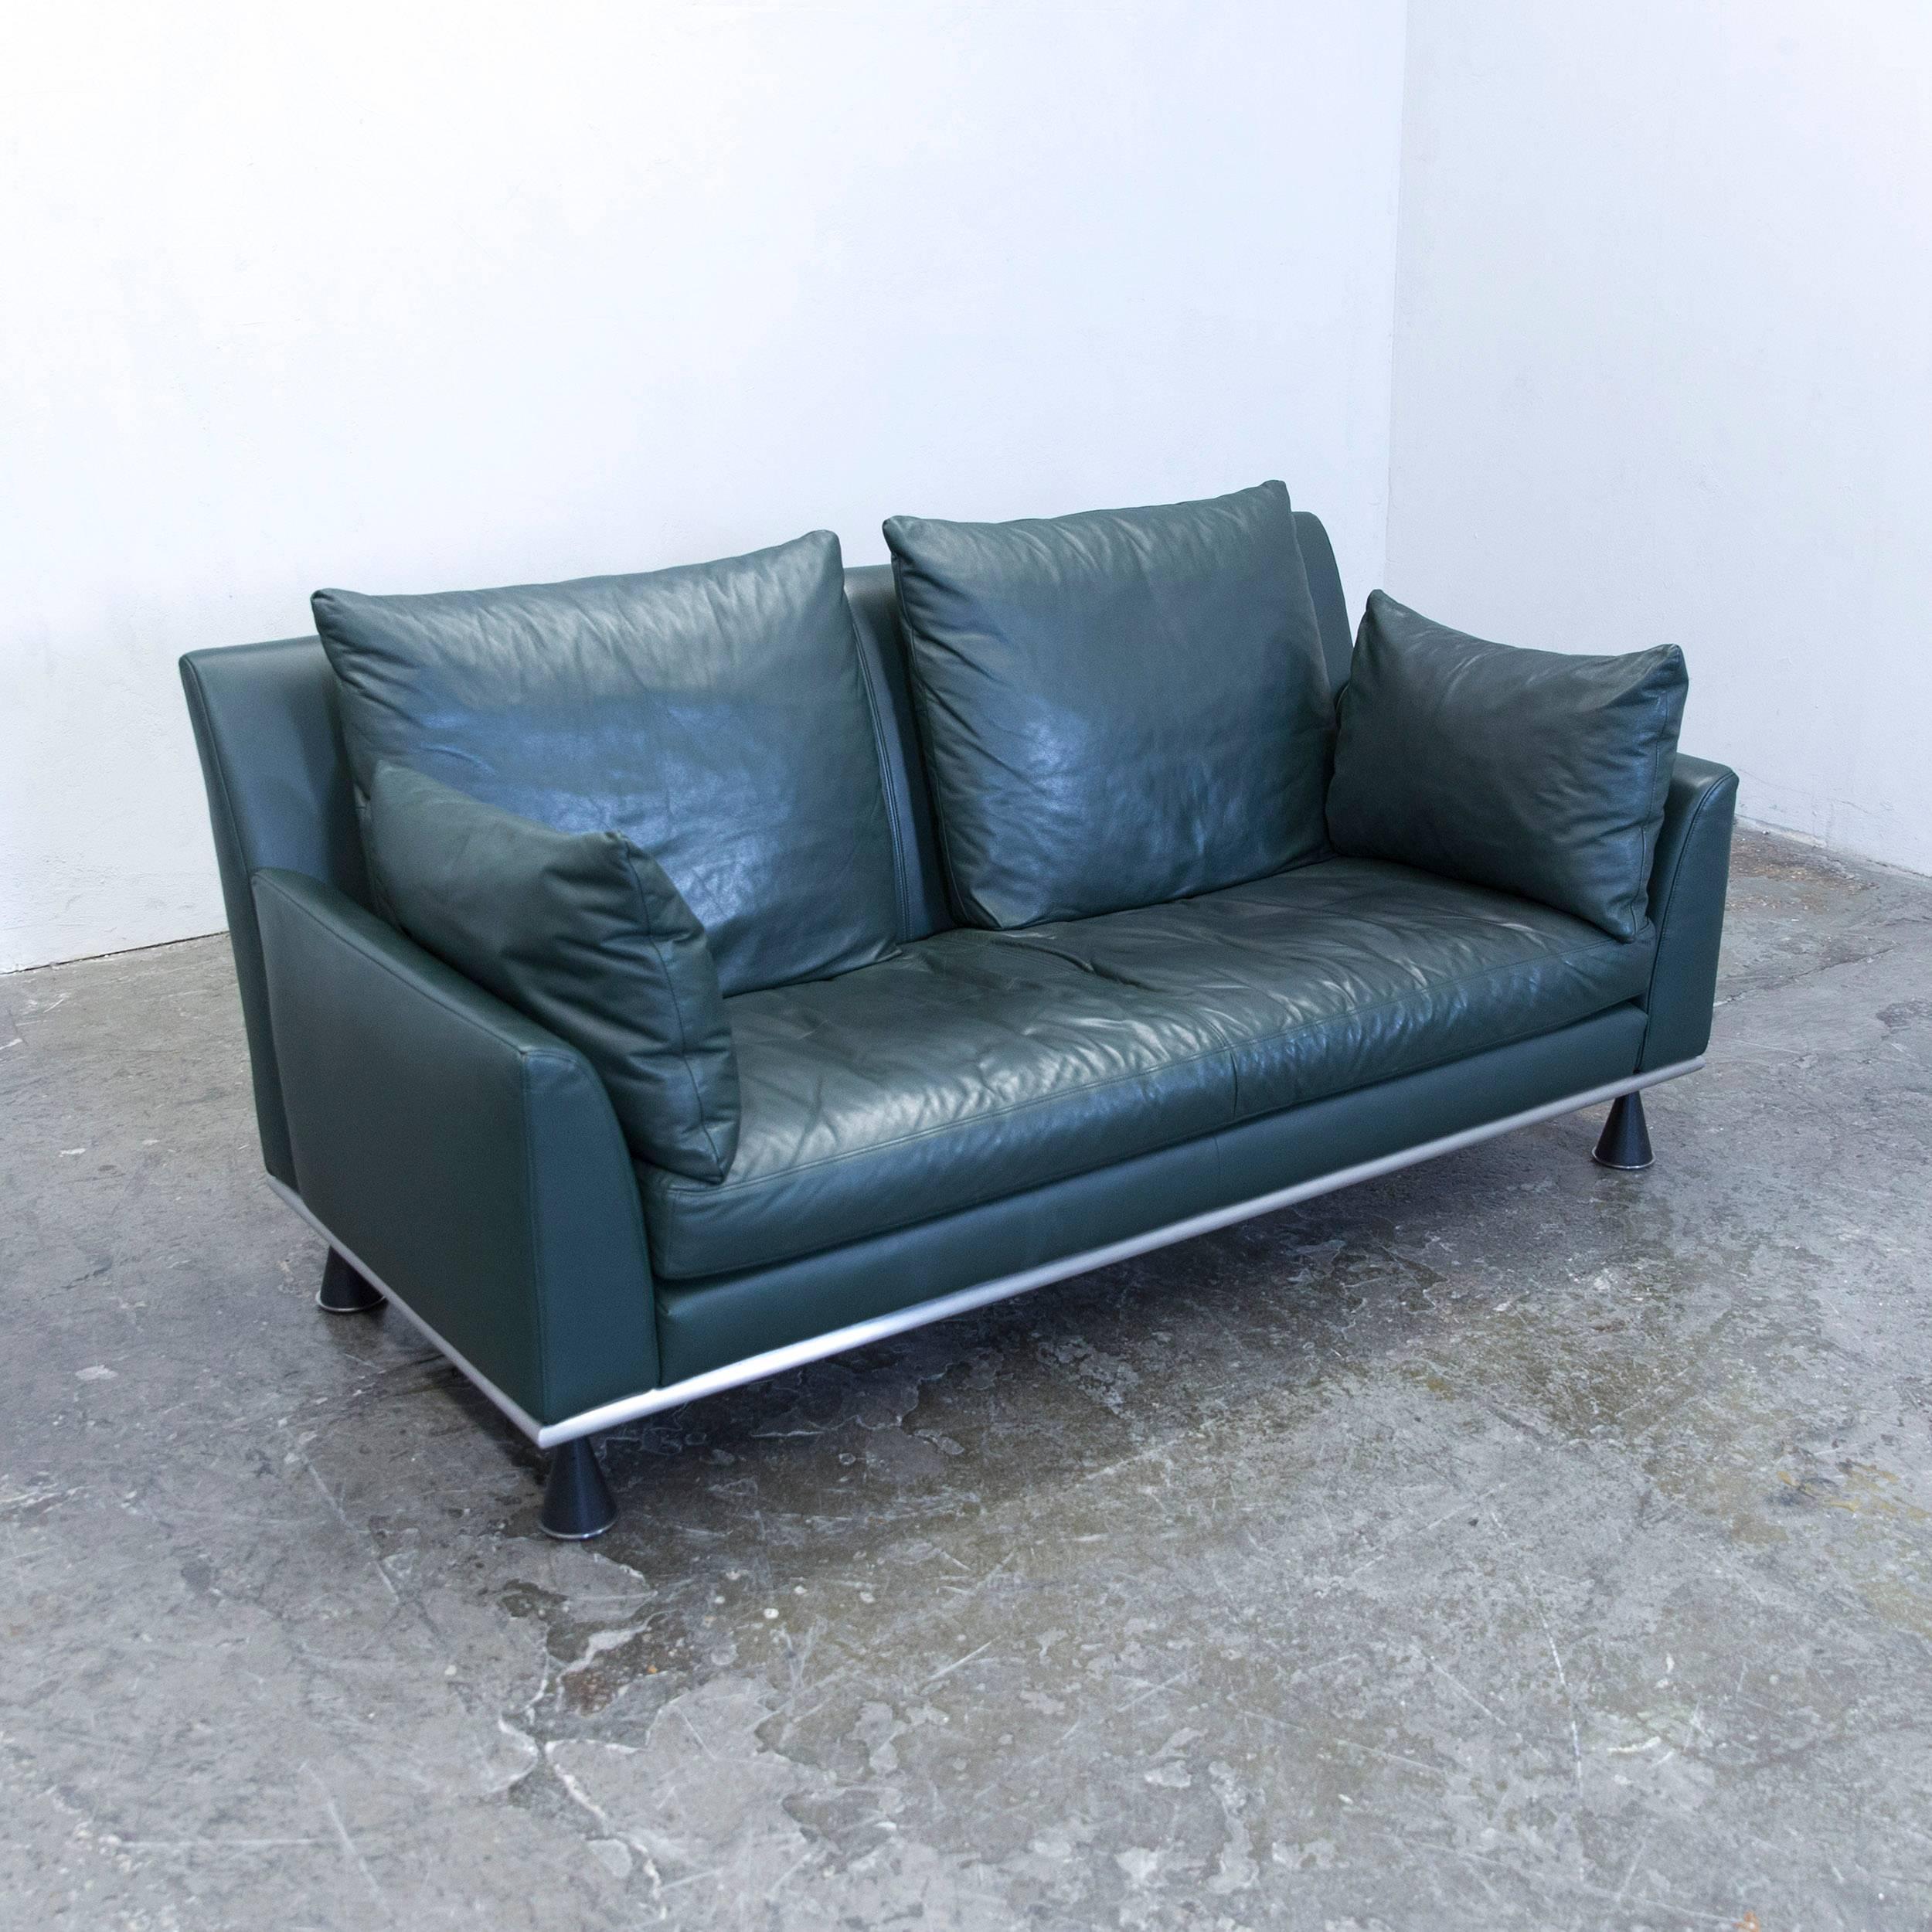 Fesselnde Benz Couch Ideen Von